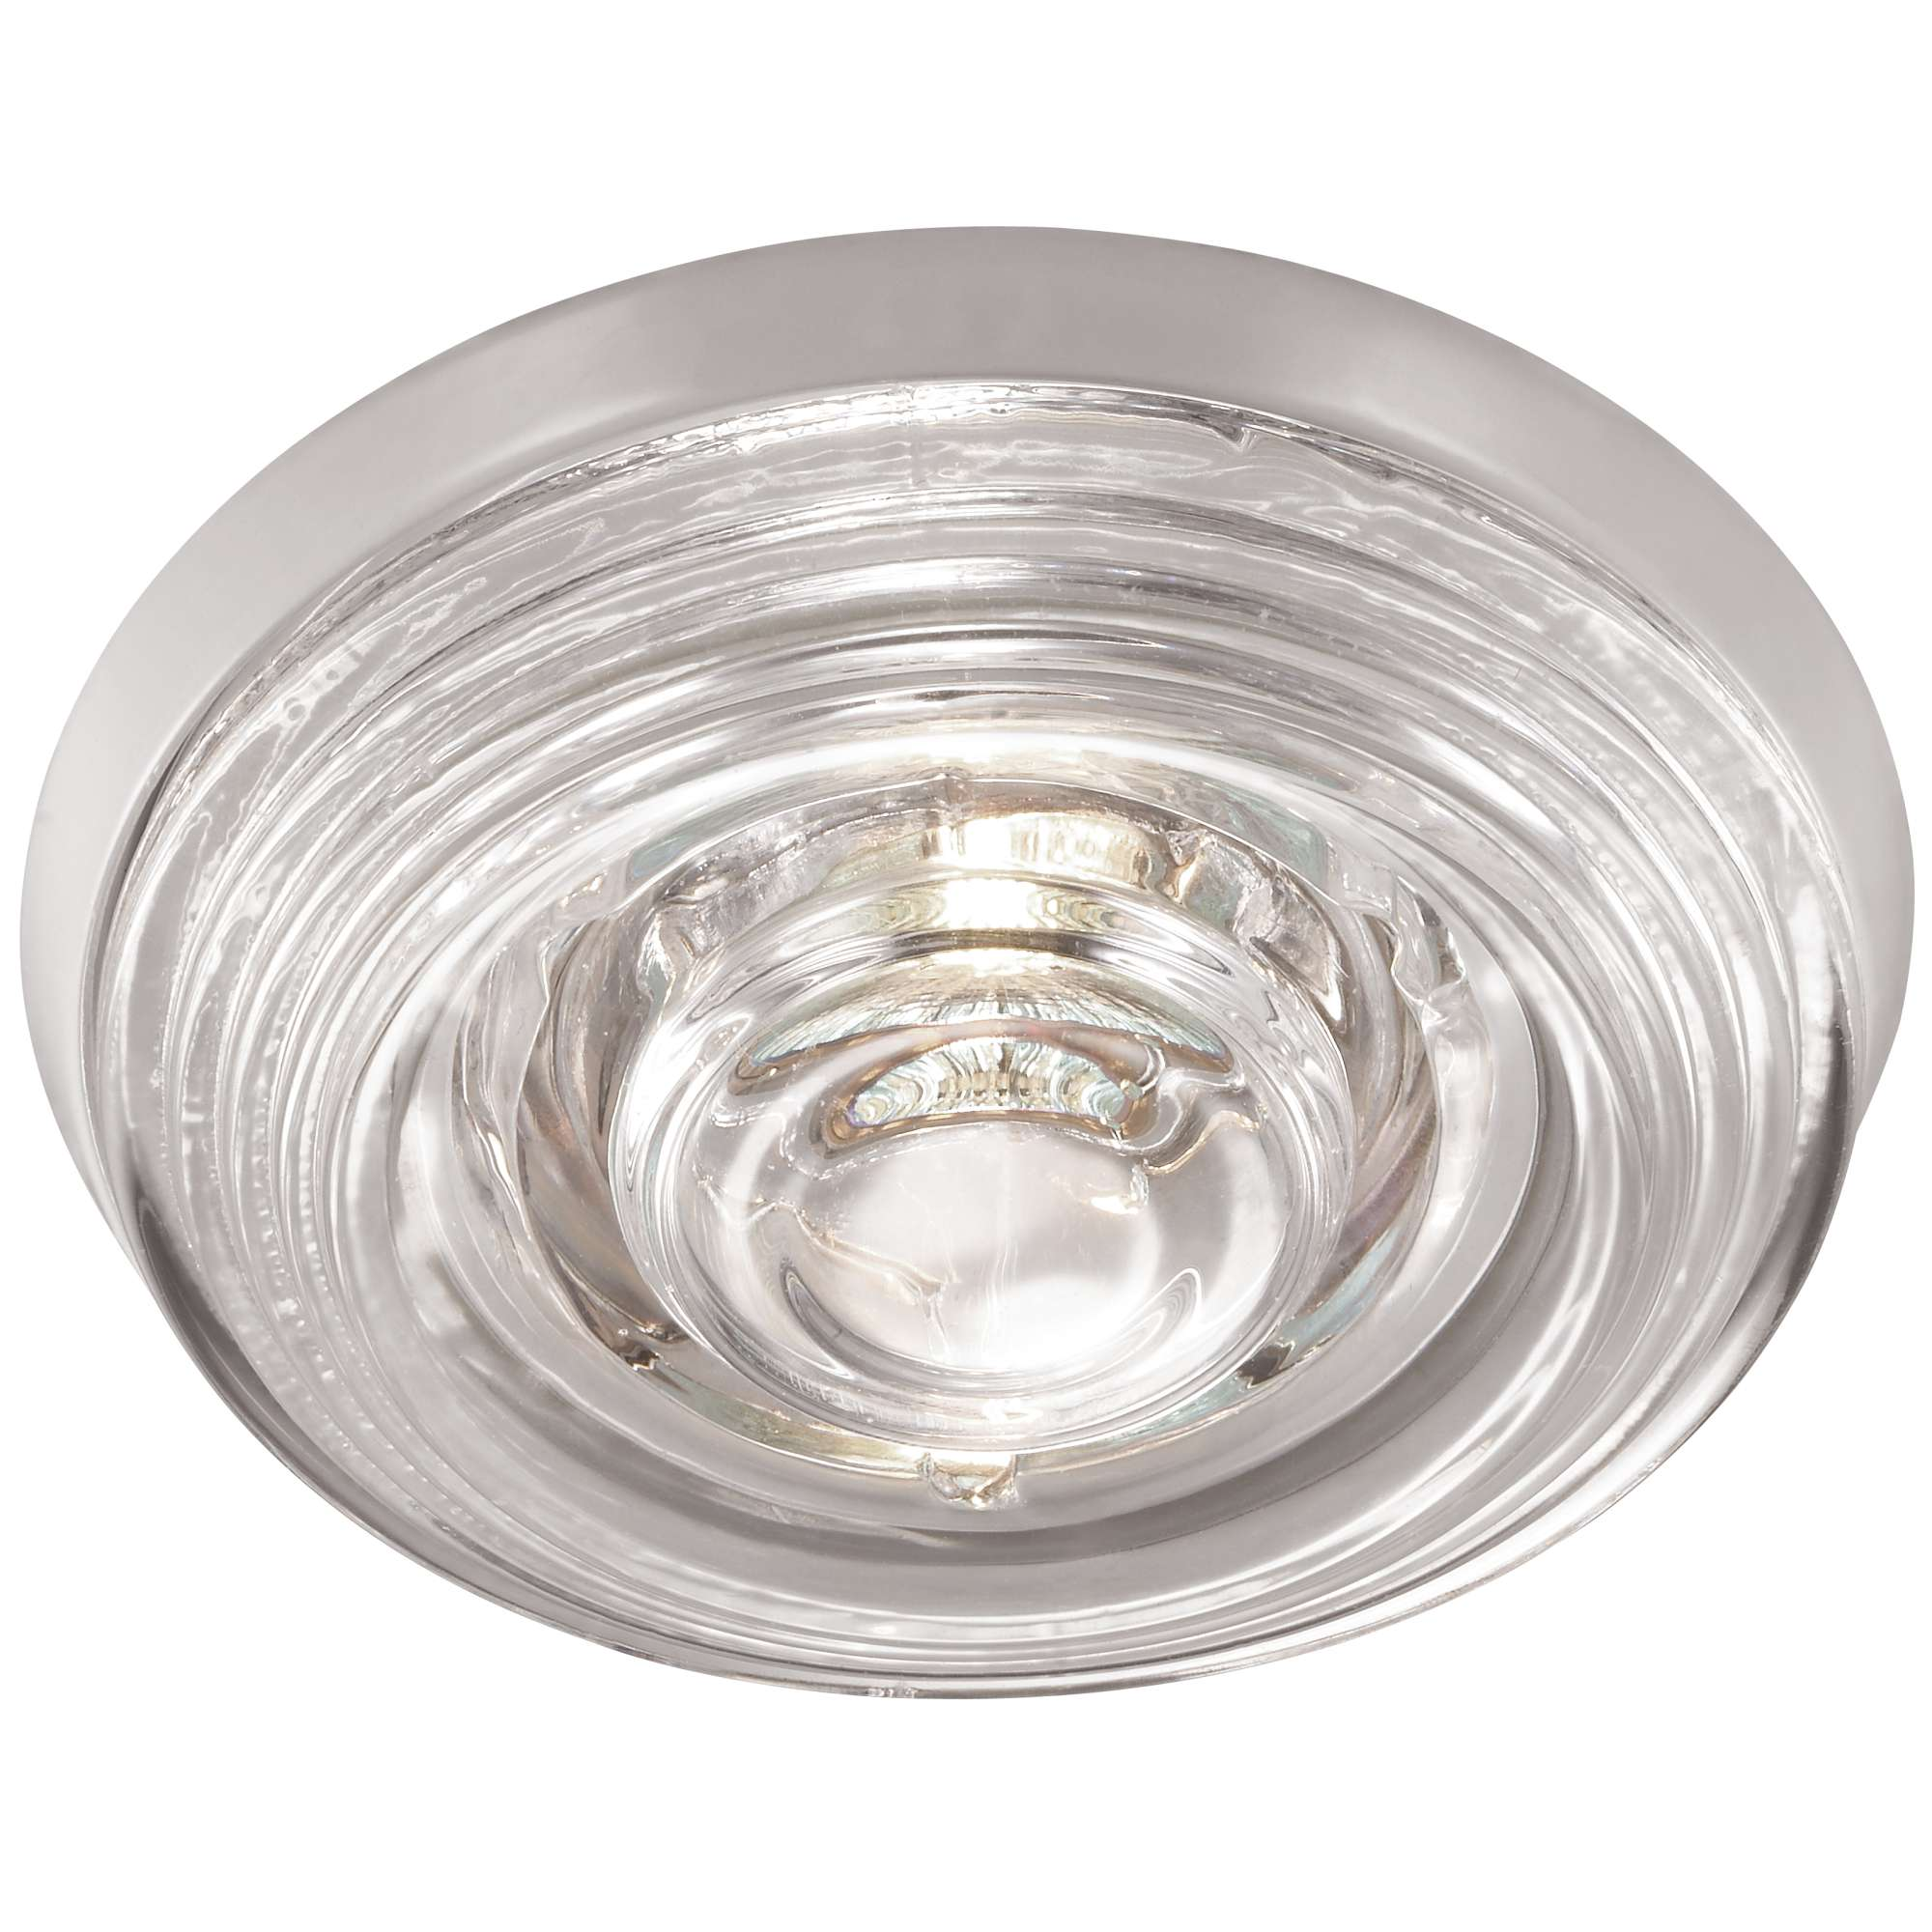 Светильник встраиваемый Novotech Aqua nt12 180 369815 novotech светильник влагозащищенный novotech 369815 ip65